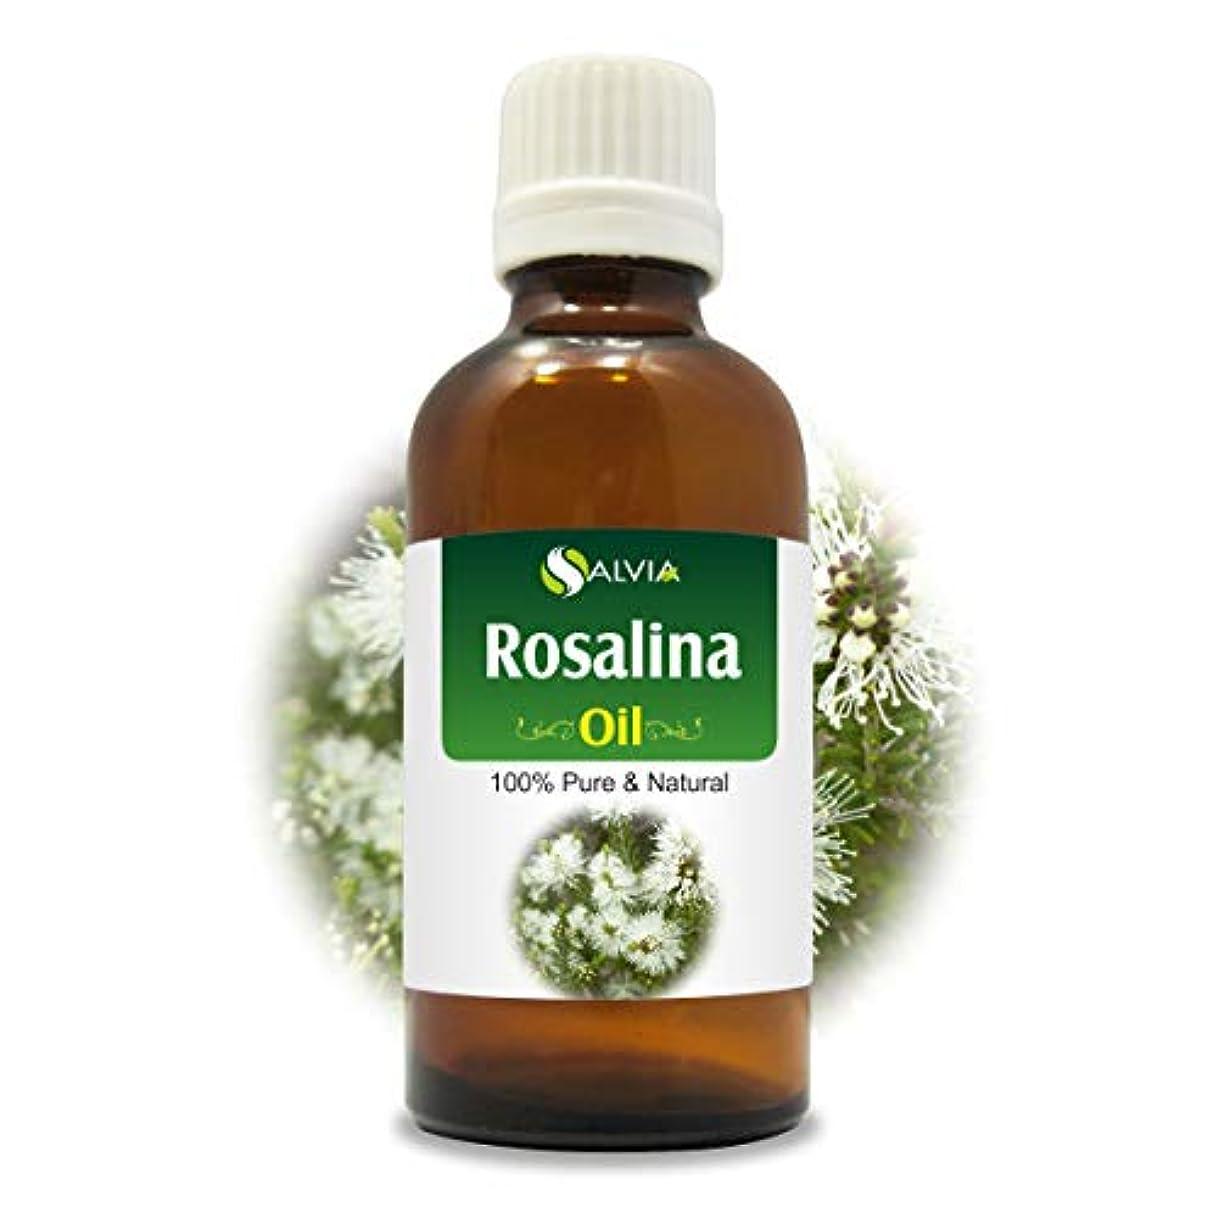 電話する希望に満ちた曲線Rosalina Oil (Melaleuca ericifolia) 100% Natural Pure Undiluted Uncut Essential Oil 50ml